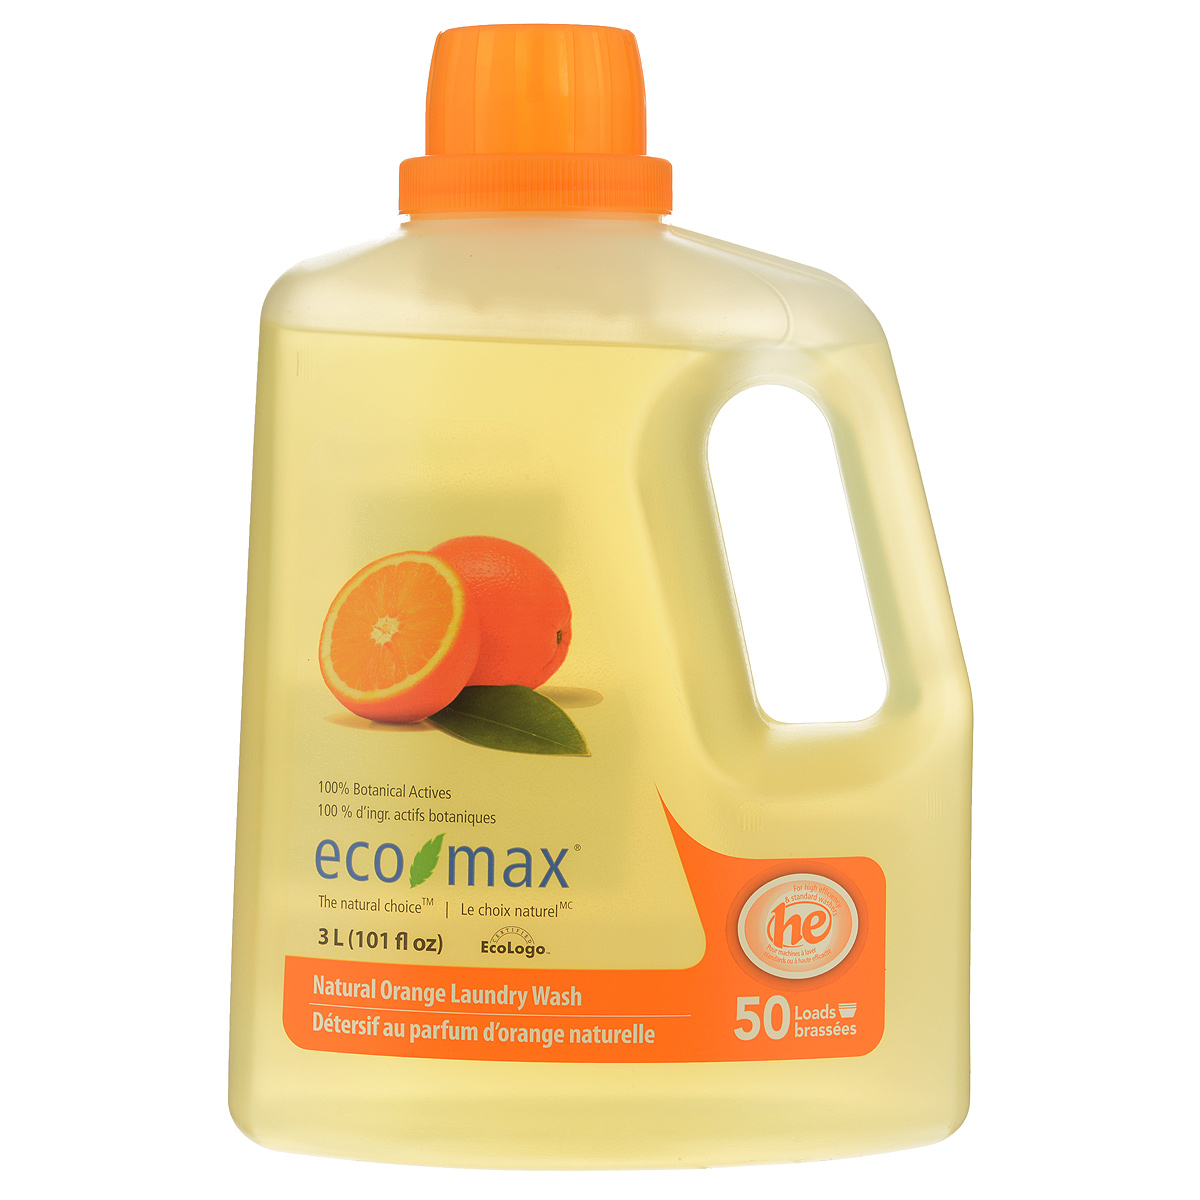 Жидкое средство для стирки Eco Max Апельсин, 3 л391602Жидкое средство для стирки Eco Max Апельсин - полностью натуральное, на растительной основе средство для стирки с освежающим ароматом апельсина. Благодаря низкому пенообразованию и отсутствию осадка безопасно для использования в стиральной машине. Нетоксично, без осадка, безопасно для детской одежды. В этом средстве используются активные чистящие вещества ингредиентов, полученных из биоразлагаемых и возобновляемых растительных источников. Подходит для ручной и машинной стирки, для всех типов ткани. Одного флакона хватает на 50 стирок. Состав: вода, ПАВ растительного происхождения, пищевая лимонная кислота, пищевой цитрат натрия, пищевой загуститель на основе целлюлозы и пищевой сорбат калия в качестве консерванта, натуральное эфирное апельсиновое масло. Товар сертифицирован.